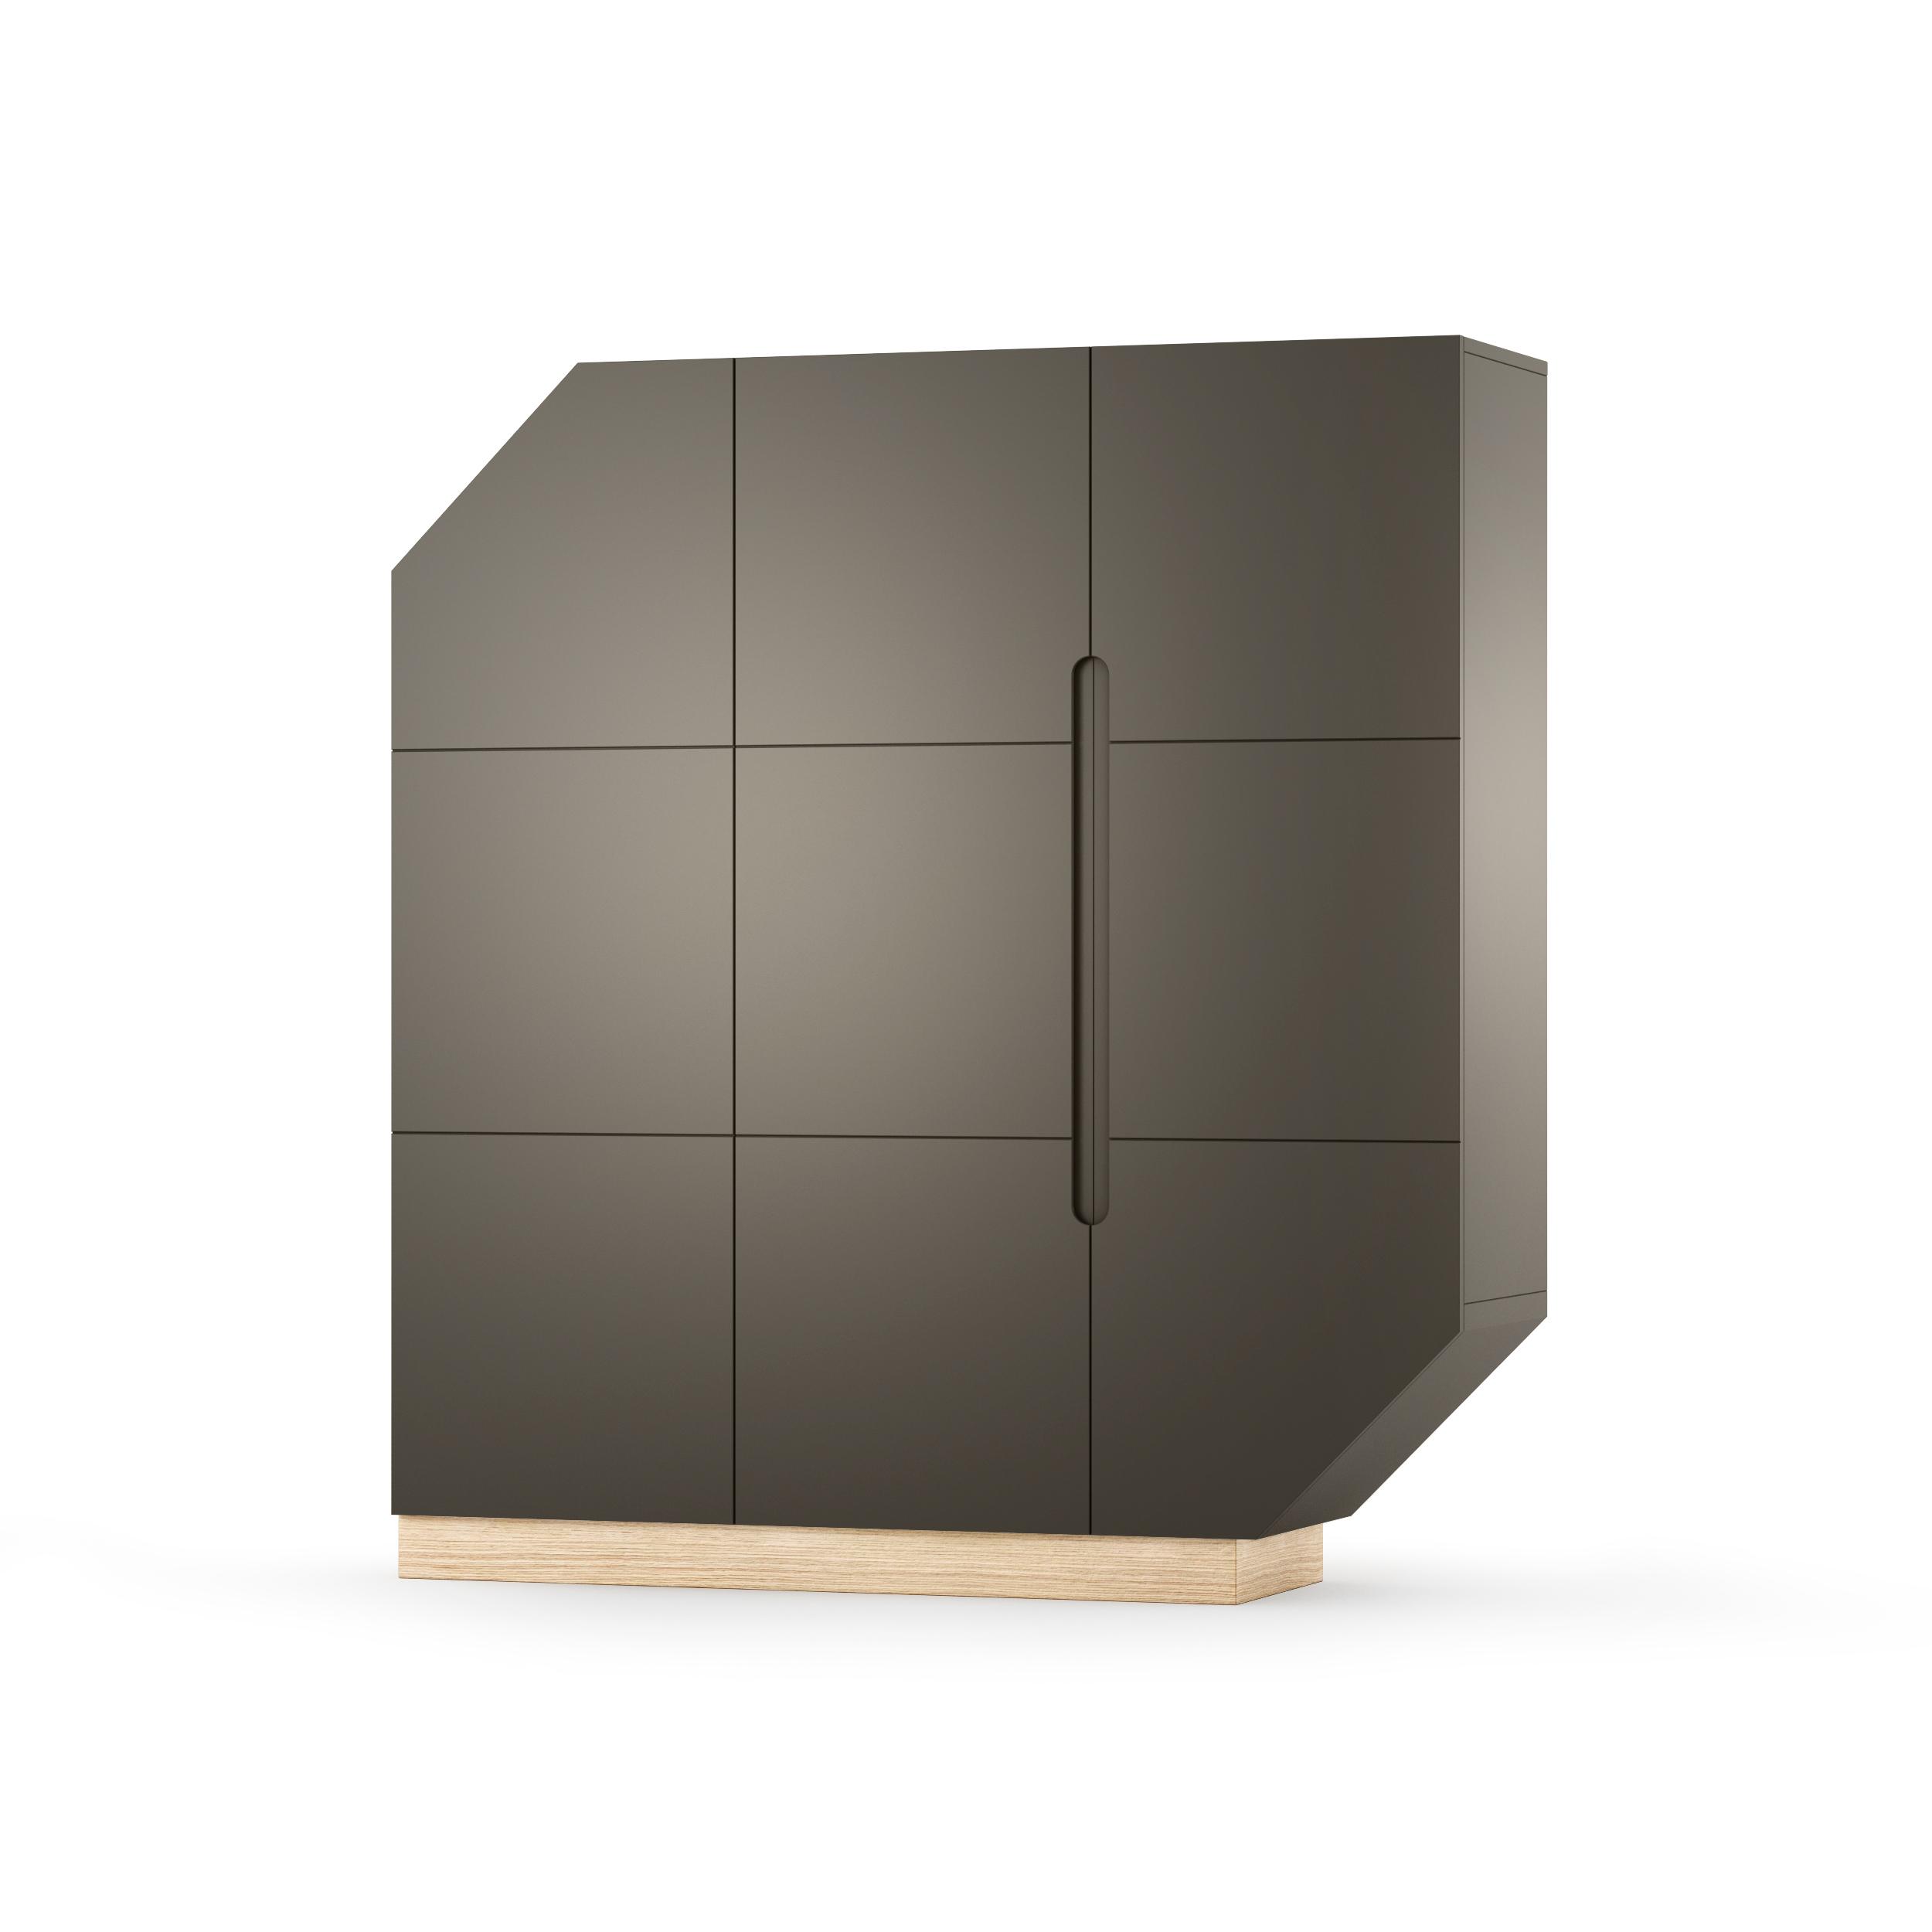 Cabinet Nook Large Oak Graphite/Natural, L137xl39xh152 cm